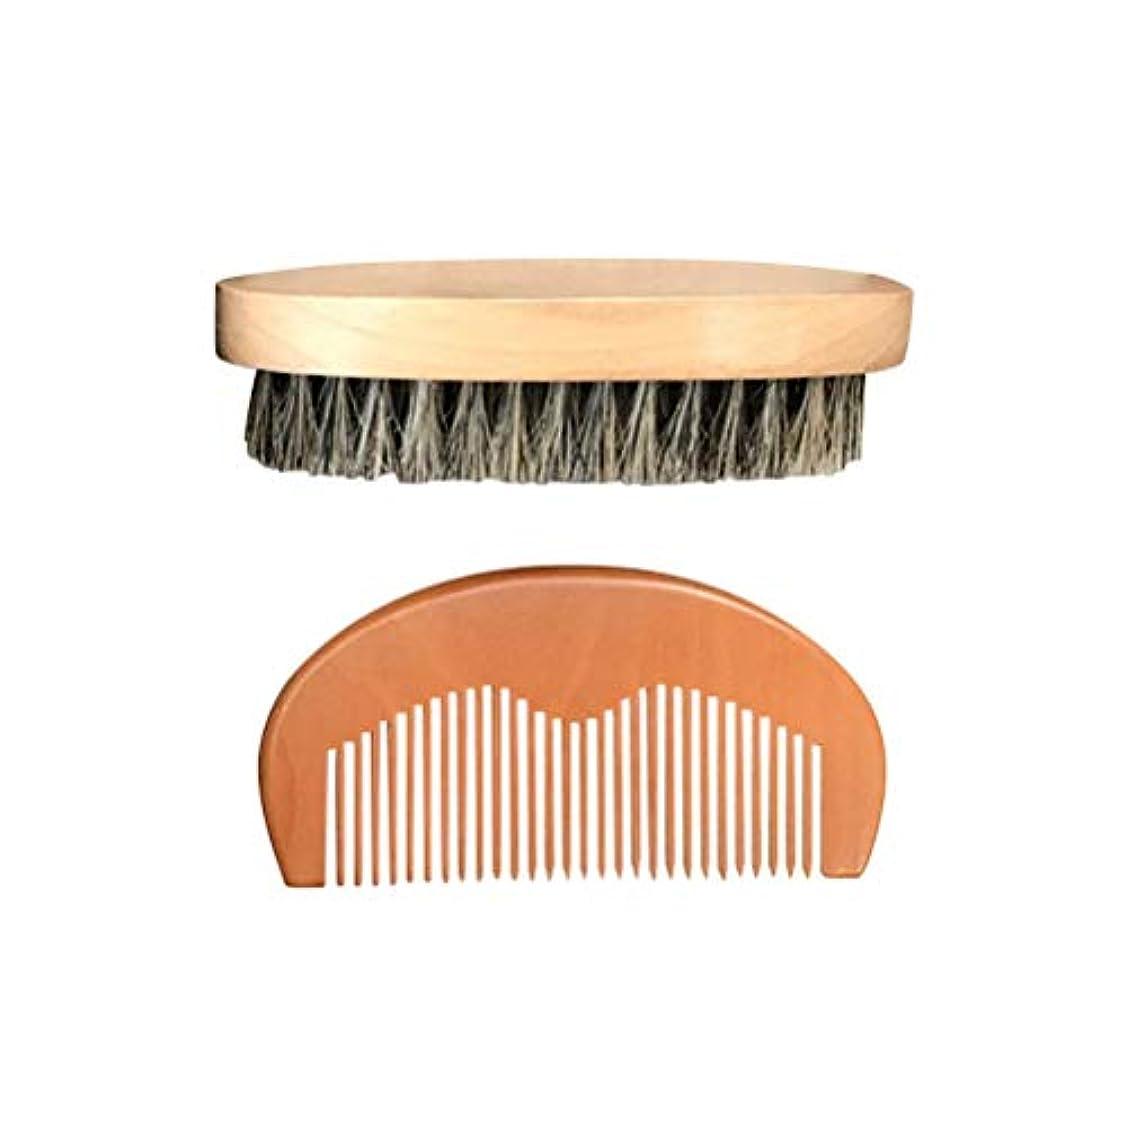 キャメルアプローチその間SUPVOX 2本の木製のひげの櫛およびブラシのキットの口ひげの櫛のひげのグルーミングブラシ